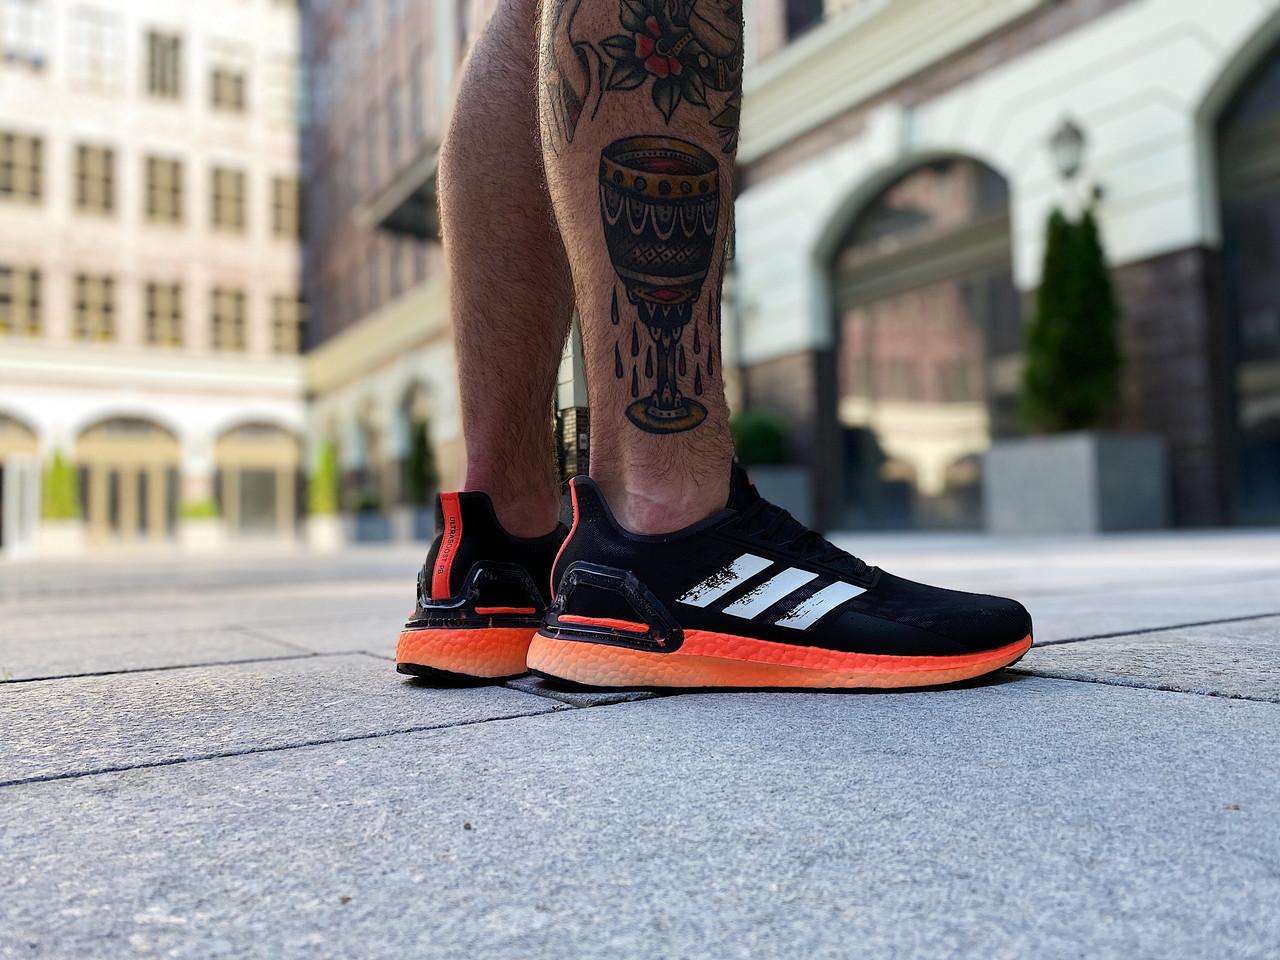 Кроссовки мужские Adidas UltraBoost PB Black Orange / EG0427 (Размеры:41,42,44,45)